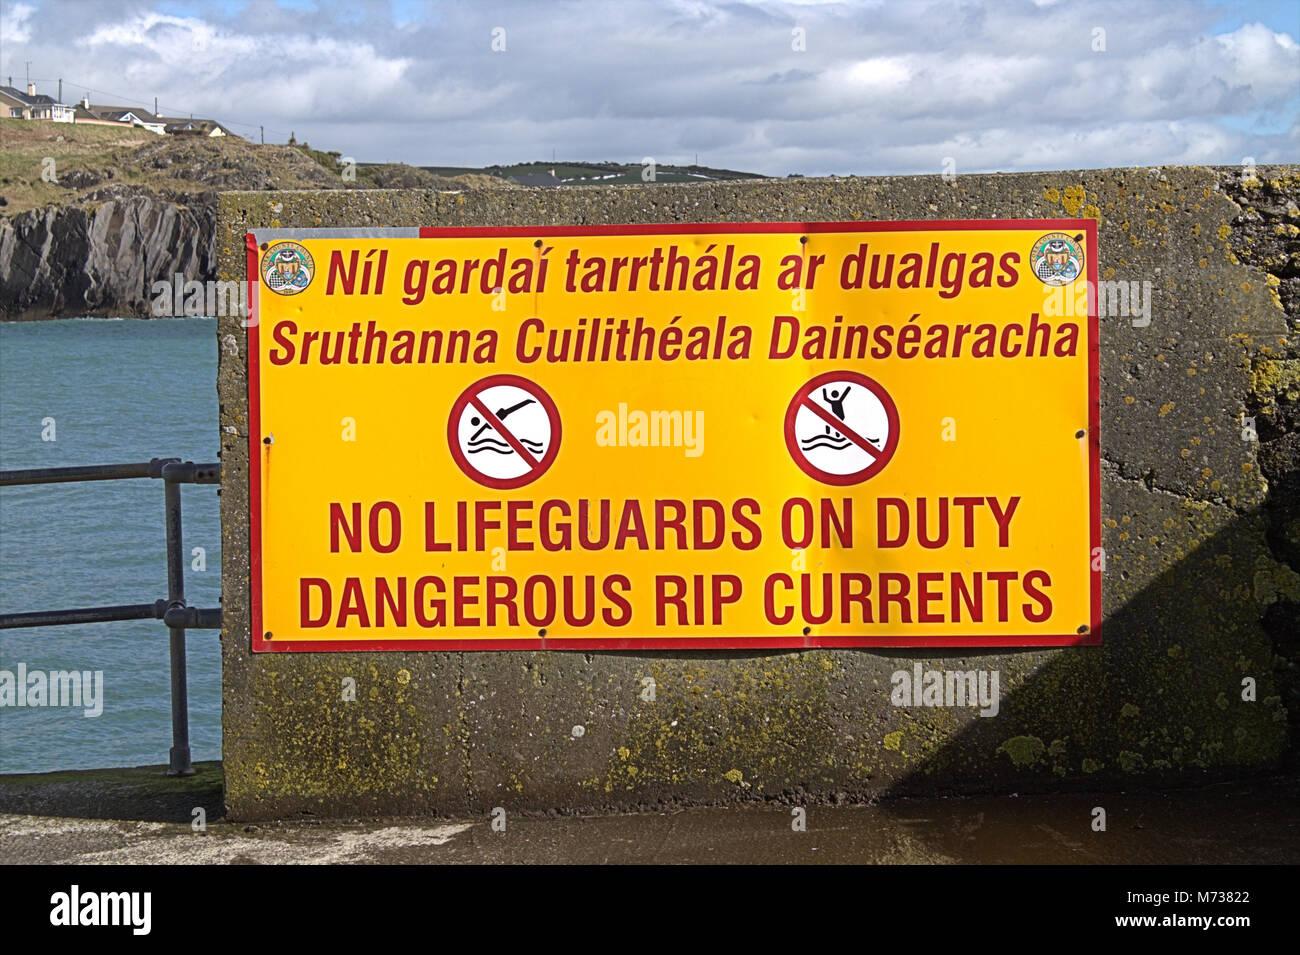 Pericolo Maree Rip Sign In Inglese E In Gaelico Il Segno è Alla